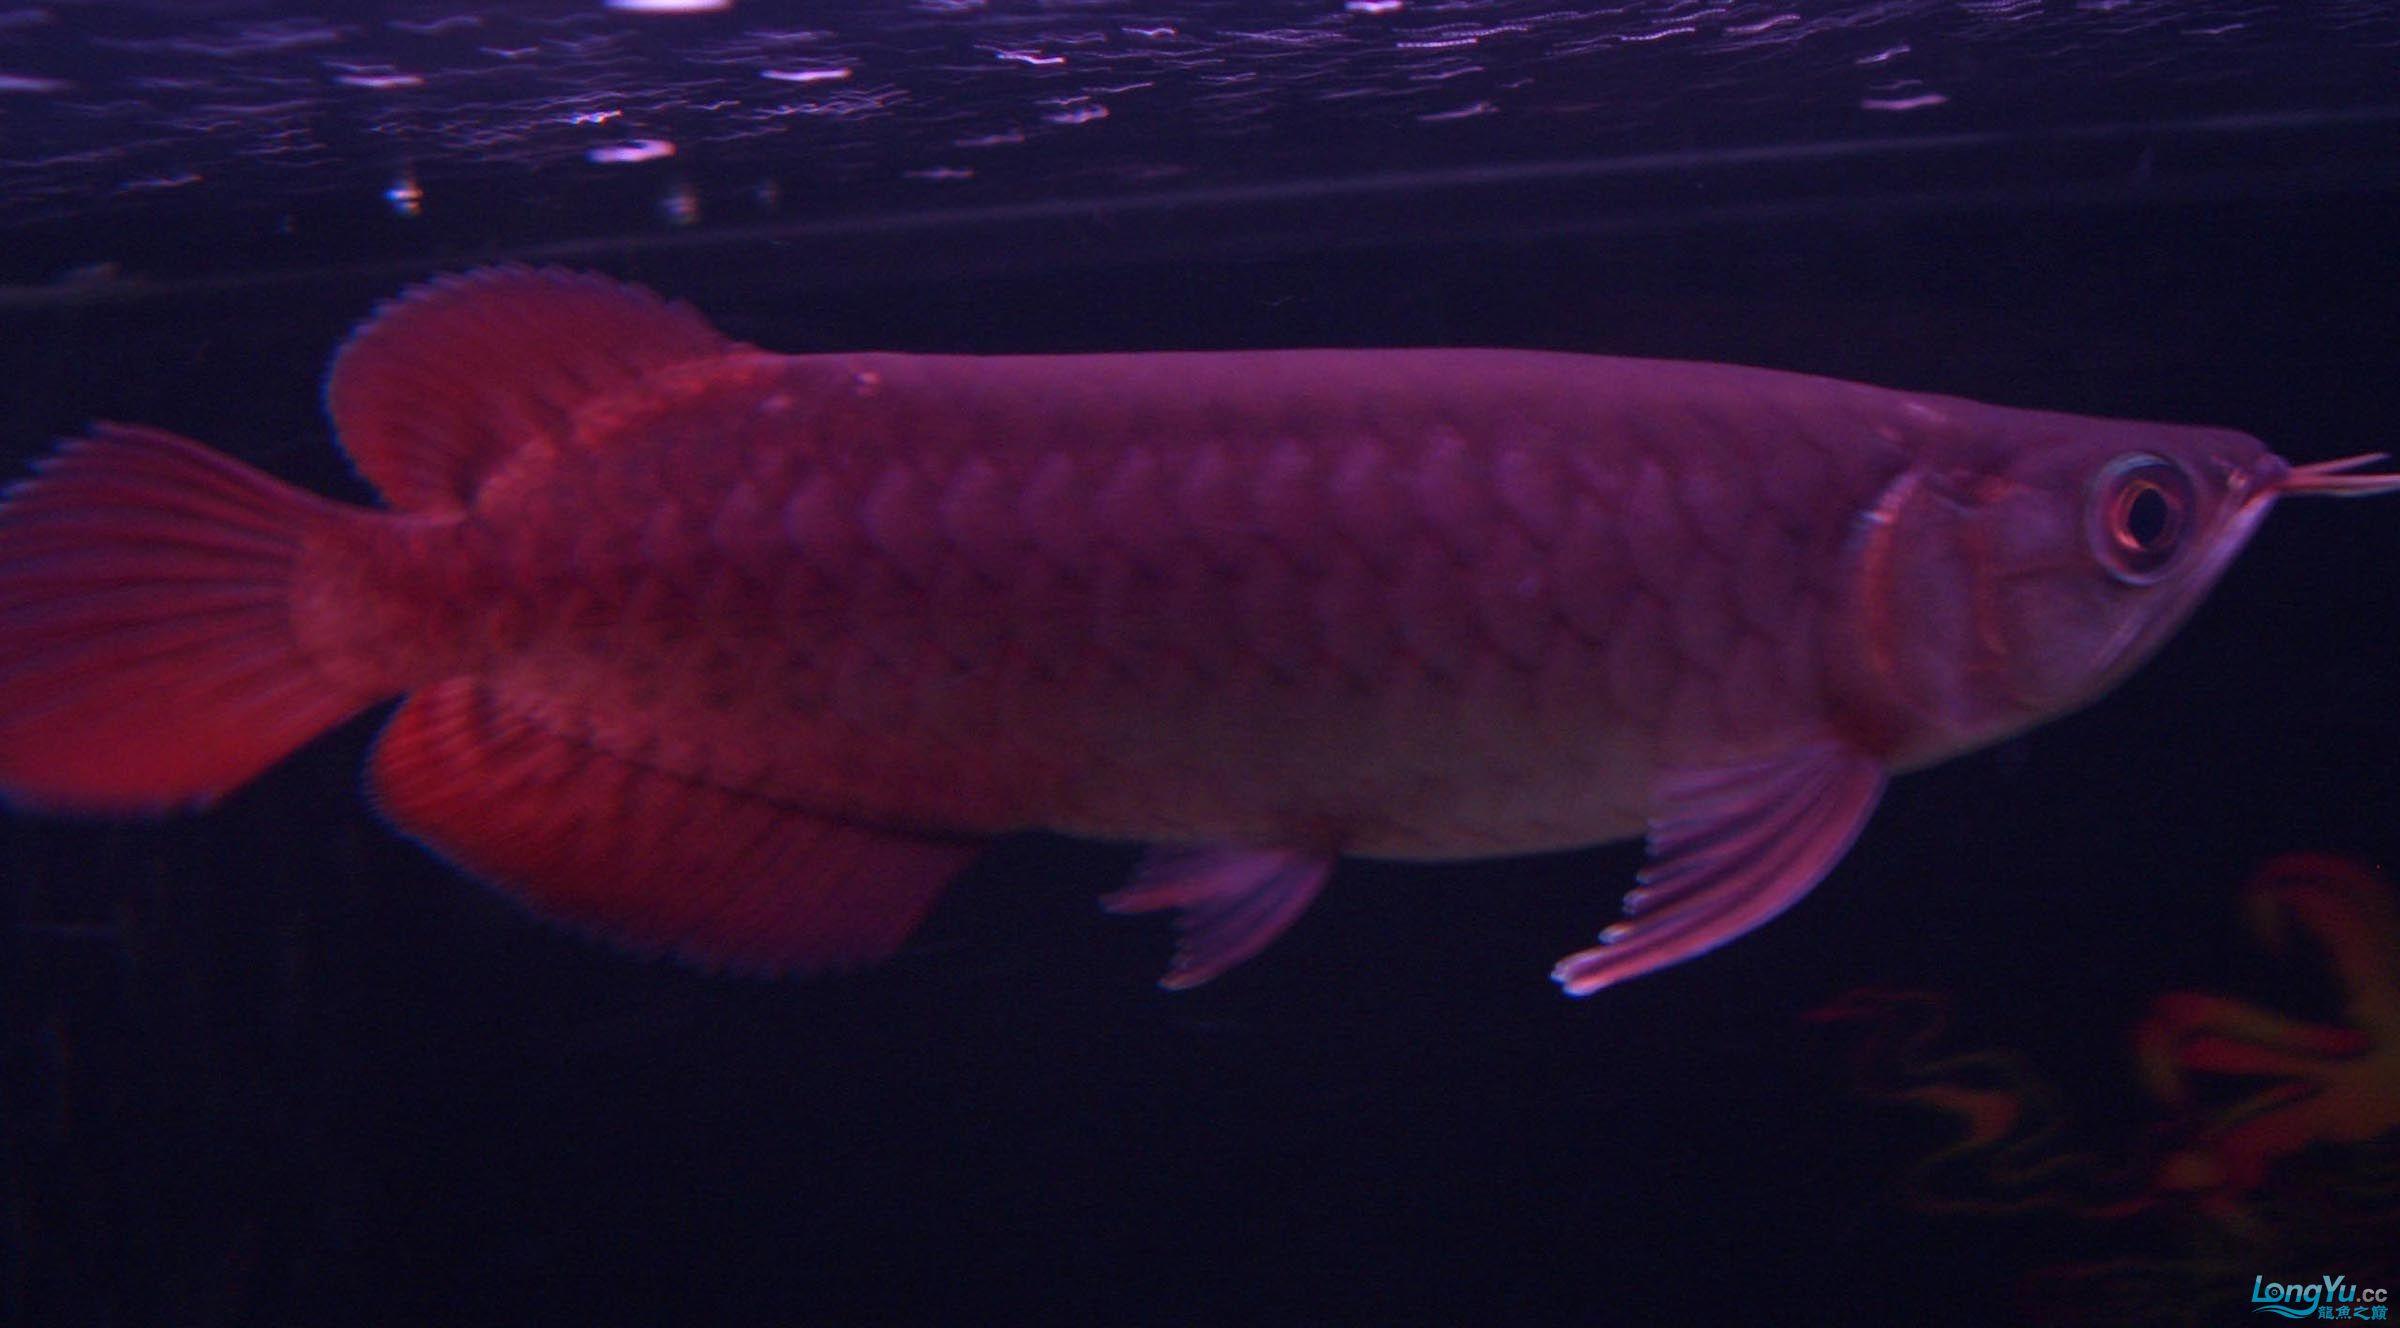 给15公分长须小超血建个档(5月7日更新——女皇大帆】23cm) 西安观赏鱼信息 西安博特第13张